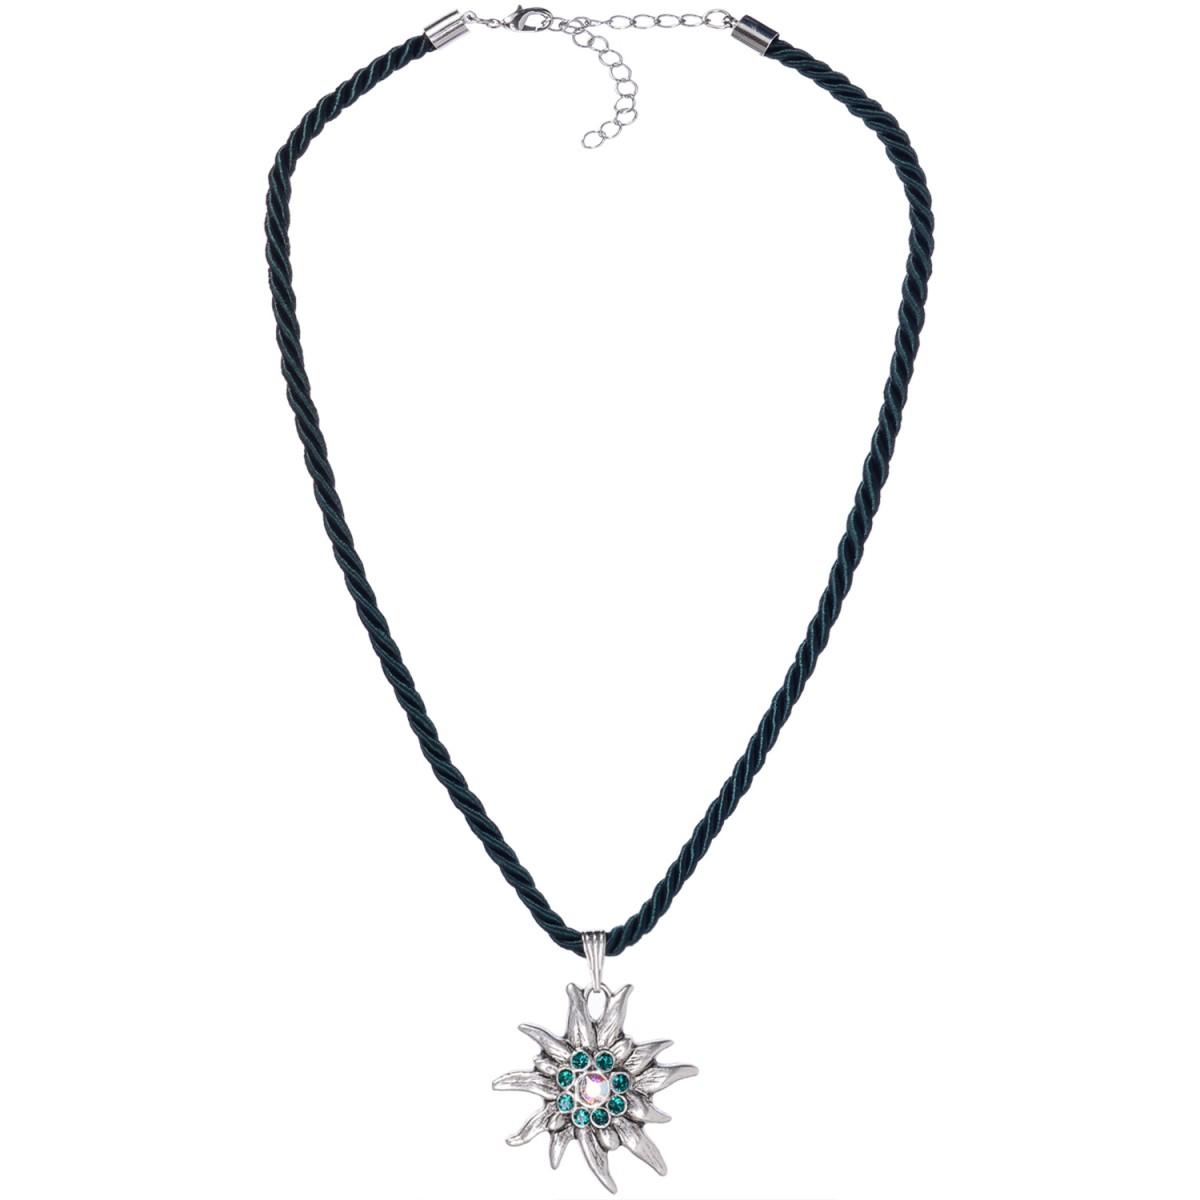 Halskette mit Edelweißanhänger von Schlick Accessoires